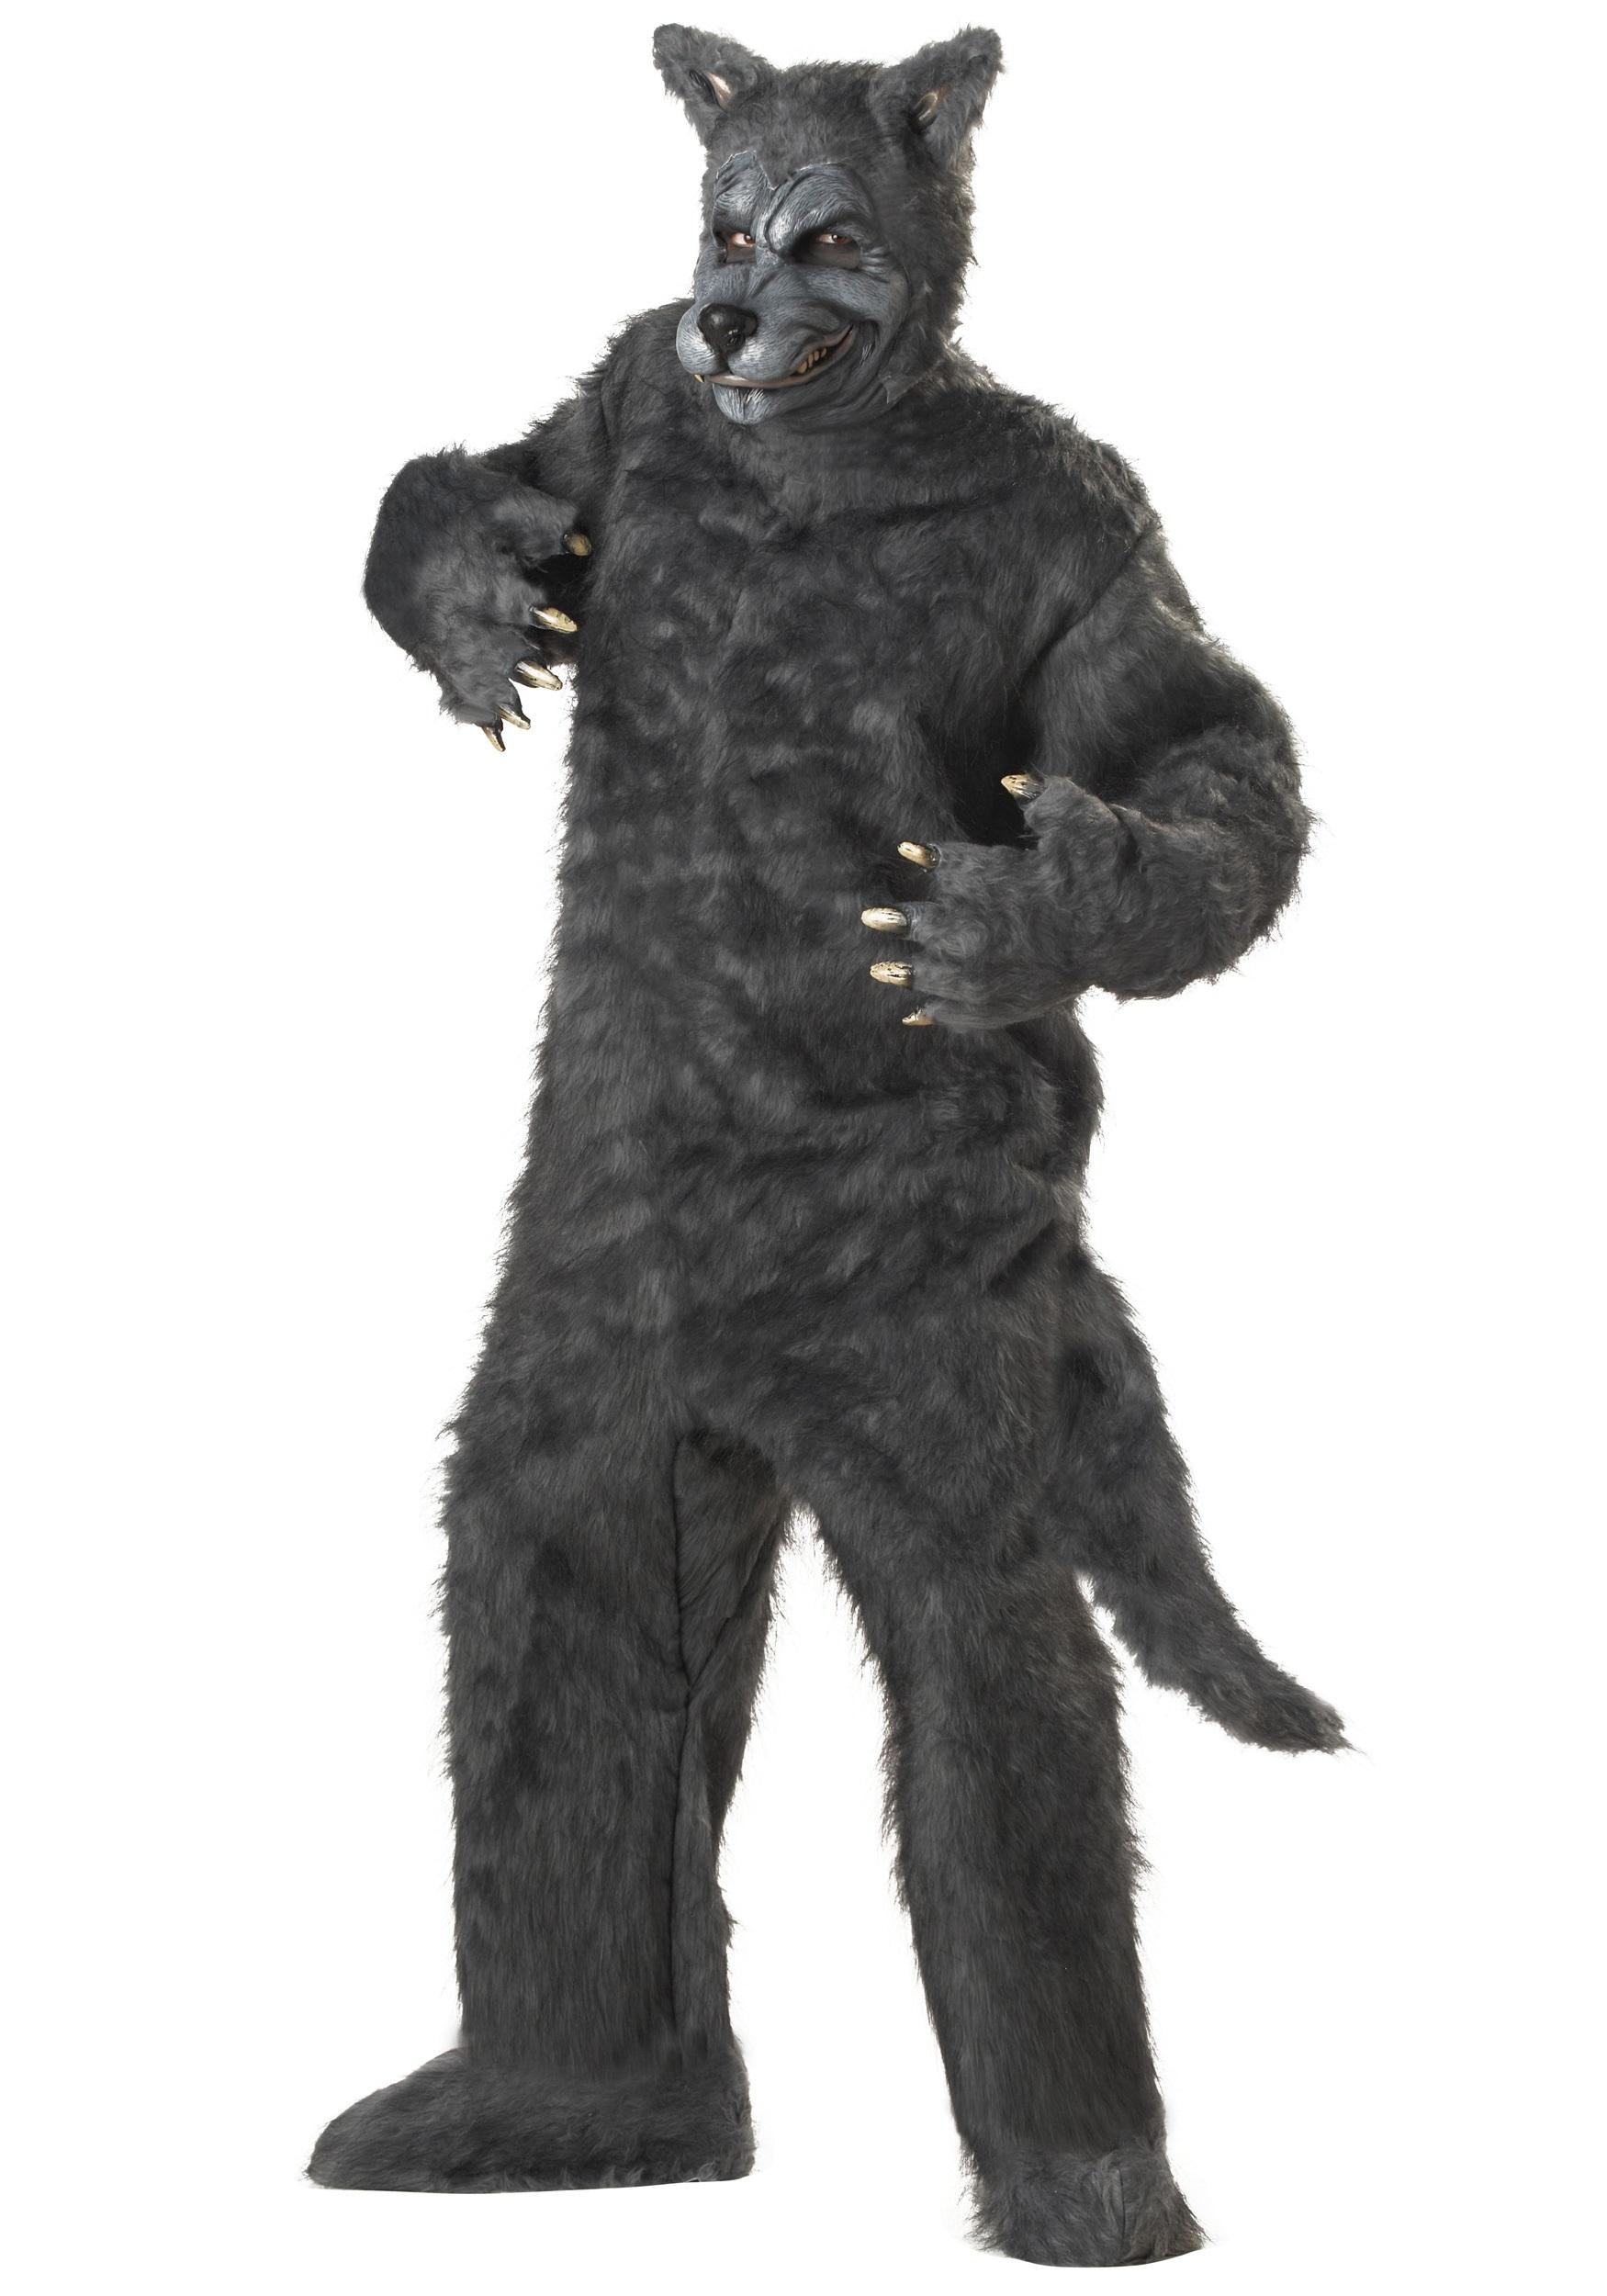 ddc2f202ea99 Big Bad Wolf Costume for Men